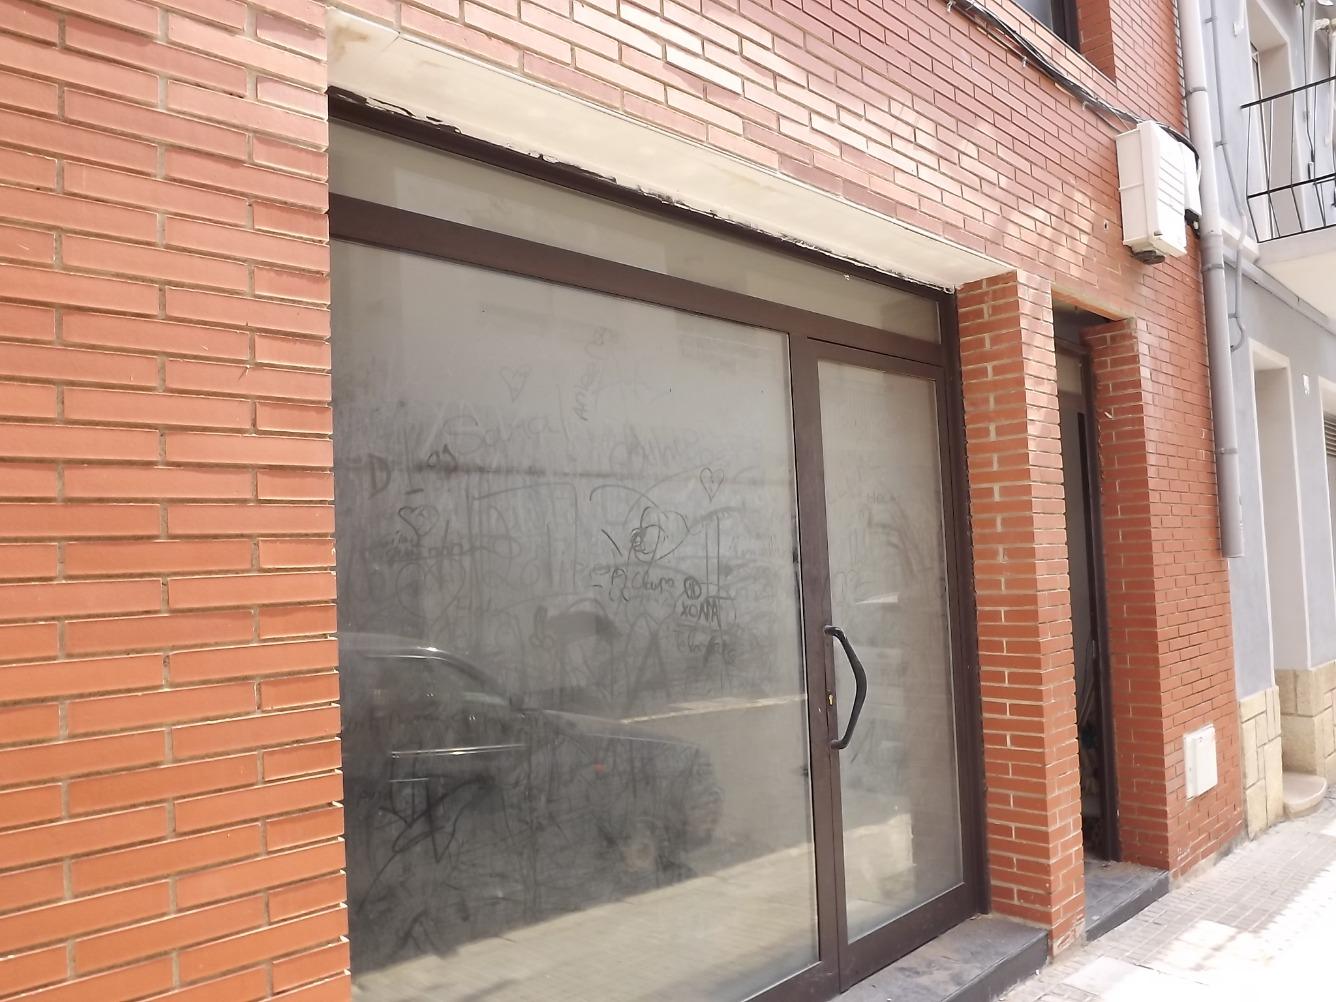 Edificio - Residencial en venta  en Calle Jaume I El Conqueridor, Sant Carles de la Ràpita